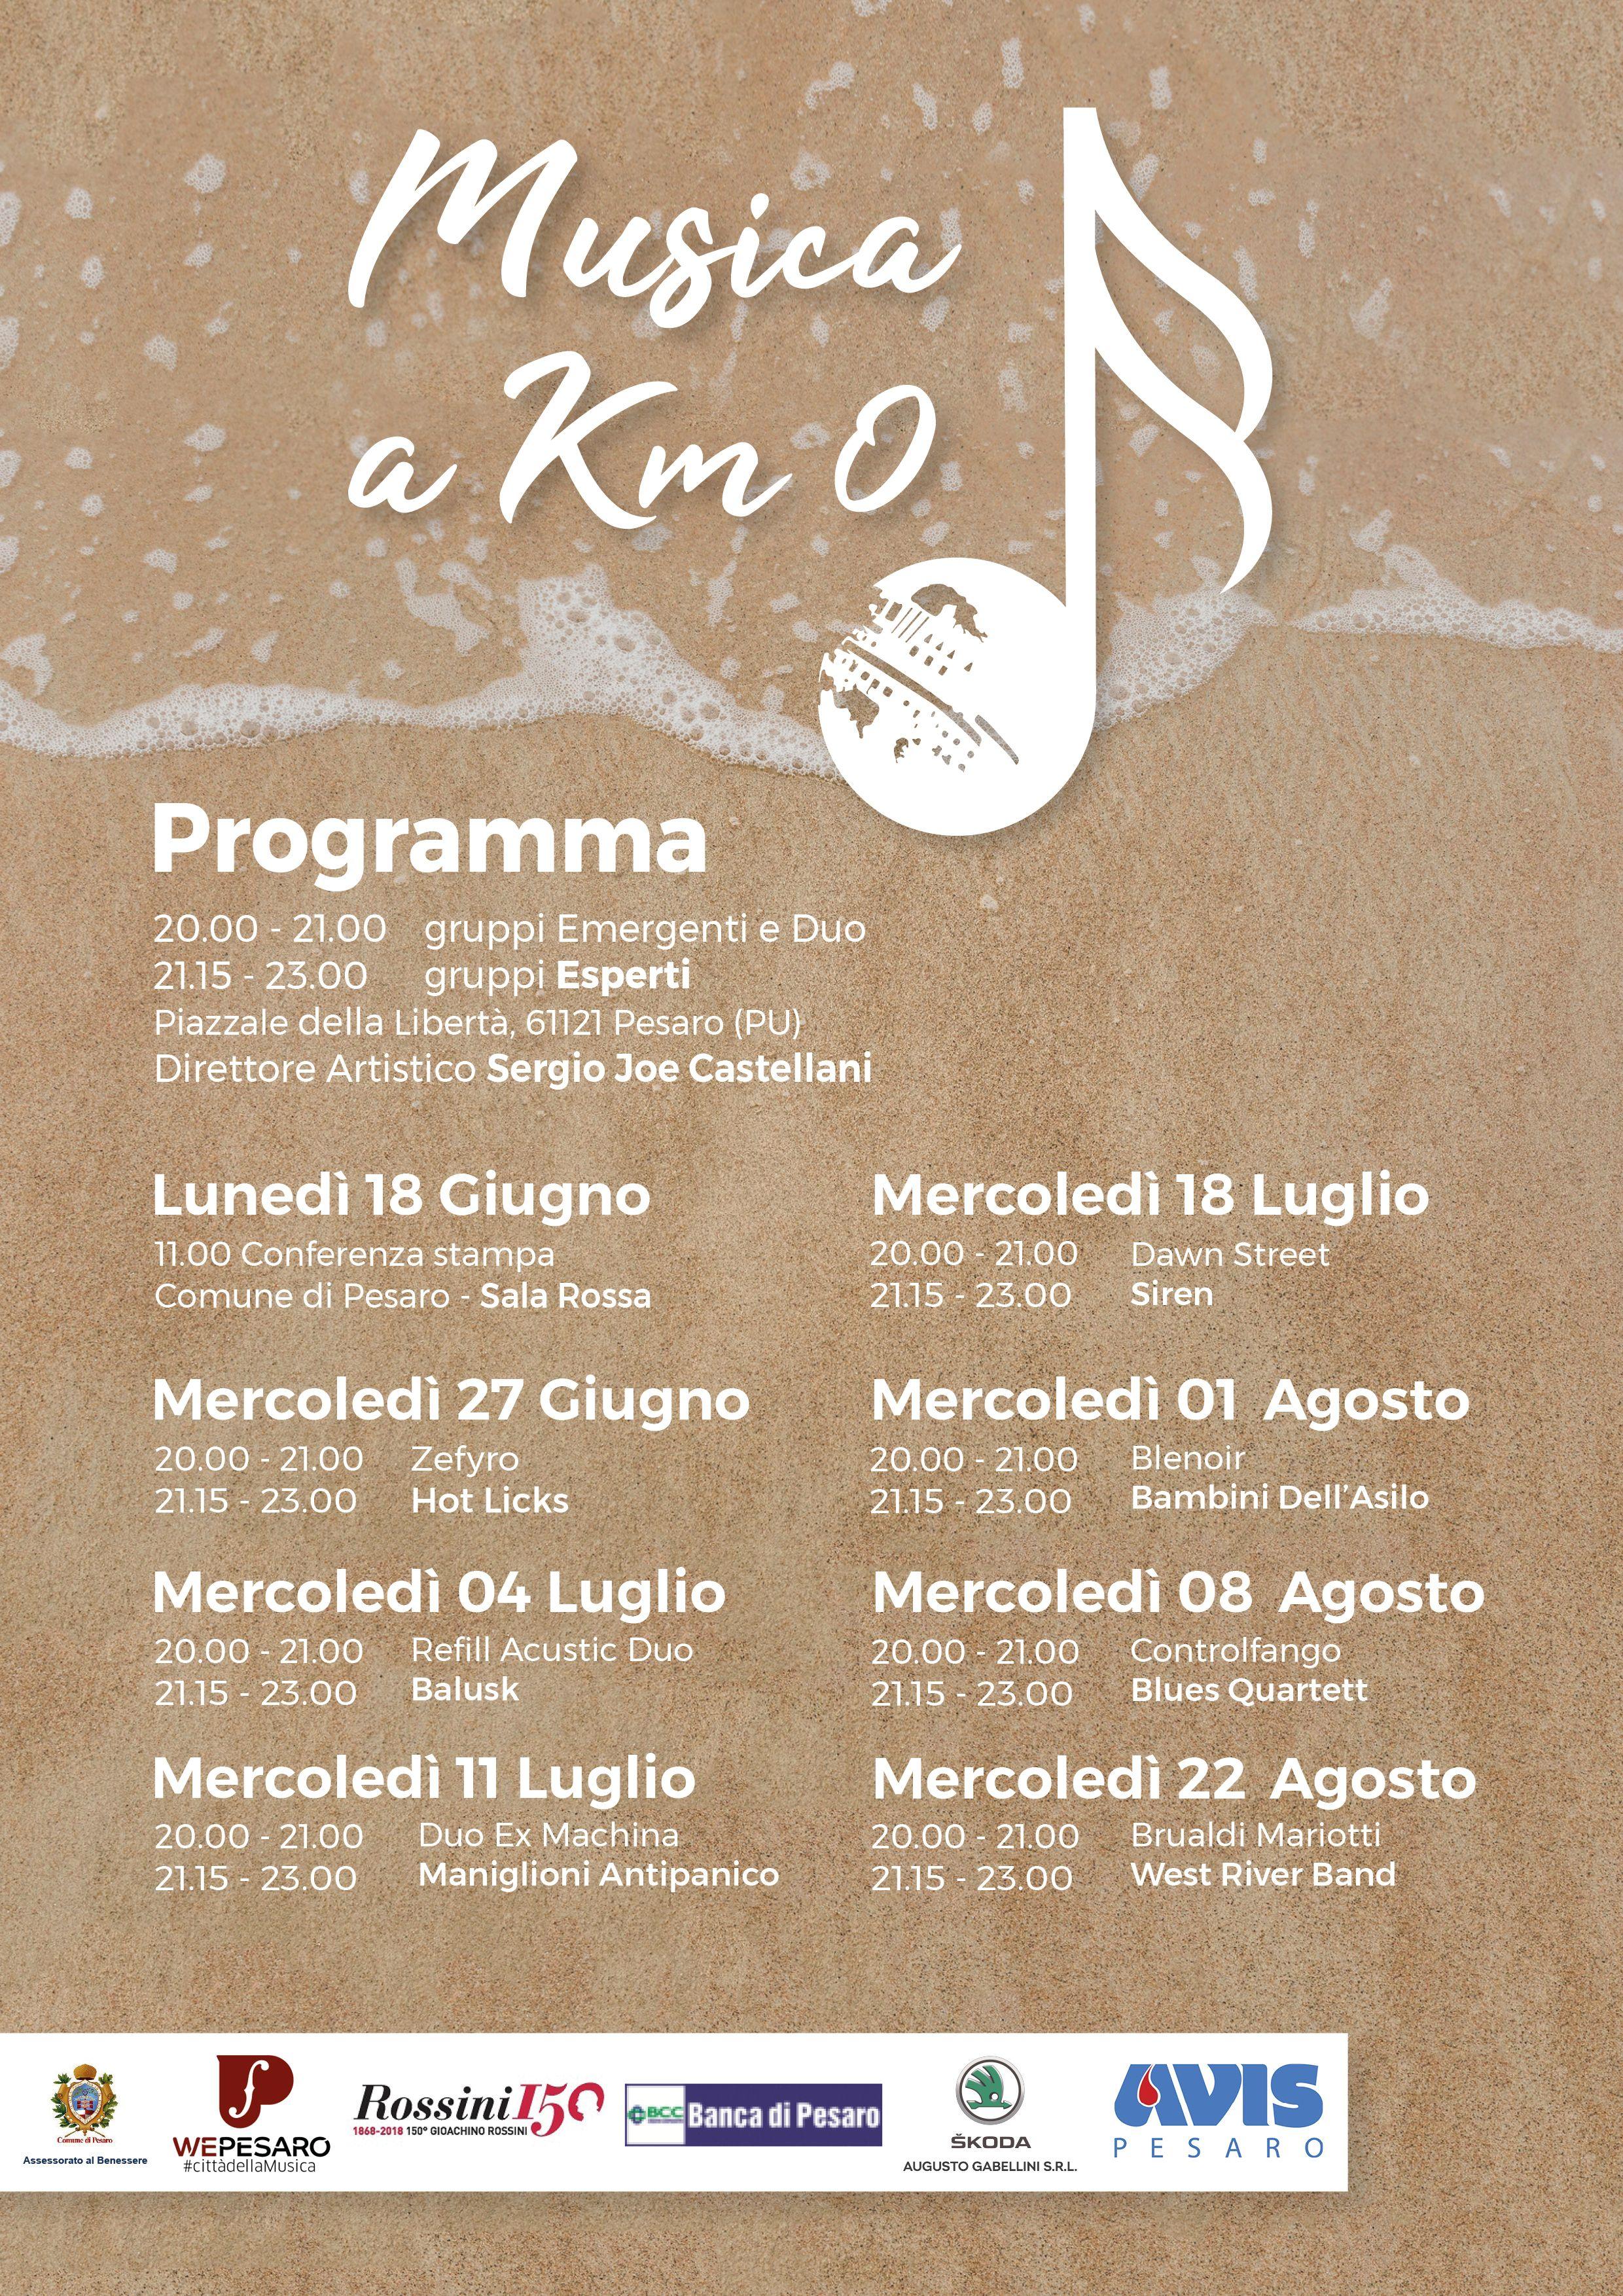 Musica a Km 0 con scritta bianca con accanto nota musicale con Palla del Pomodoro stilizzata